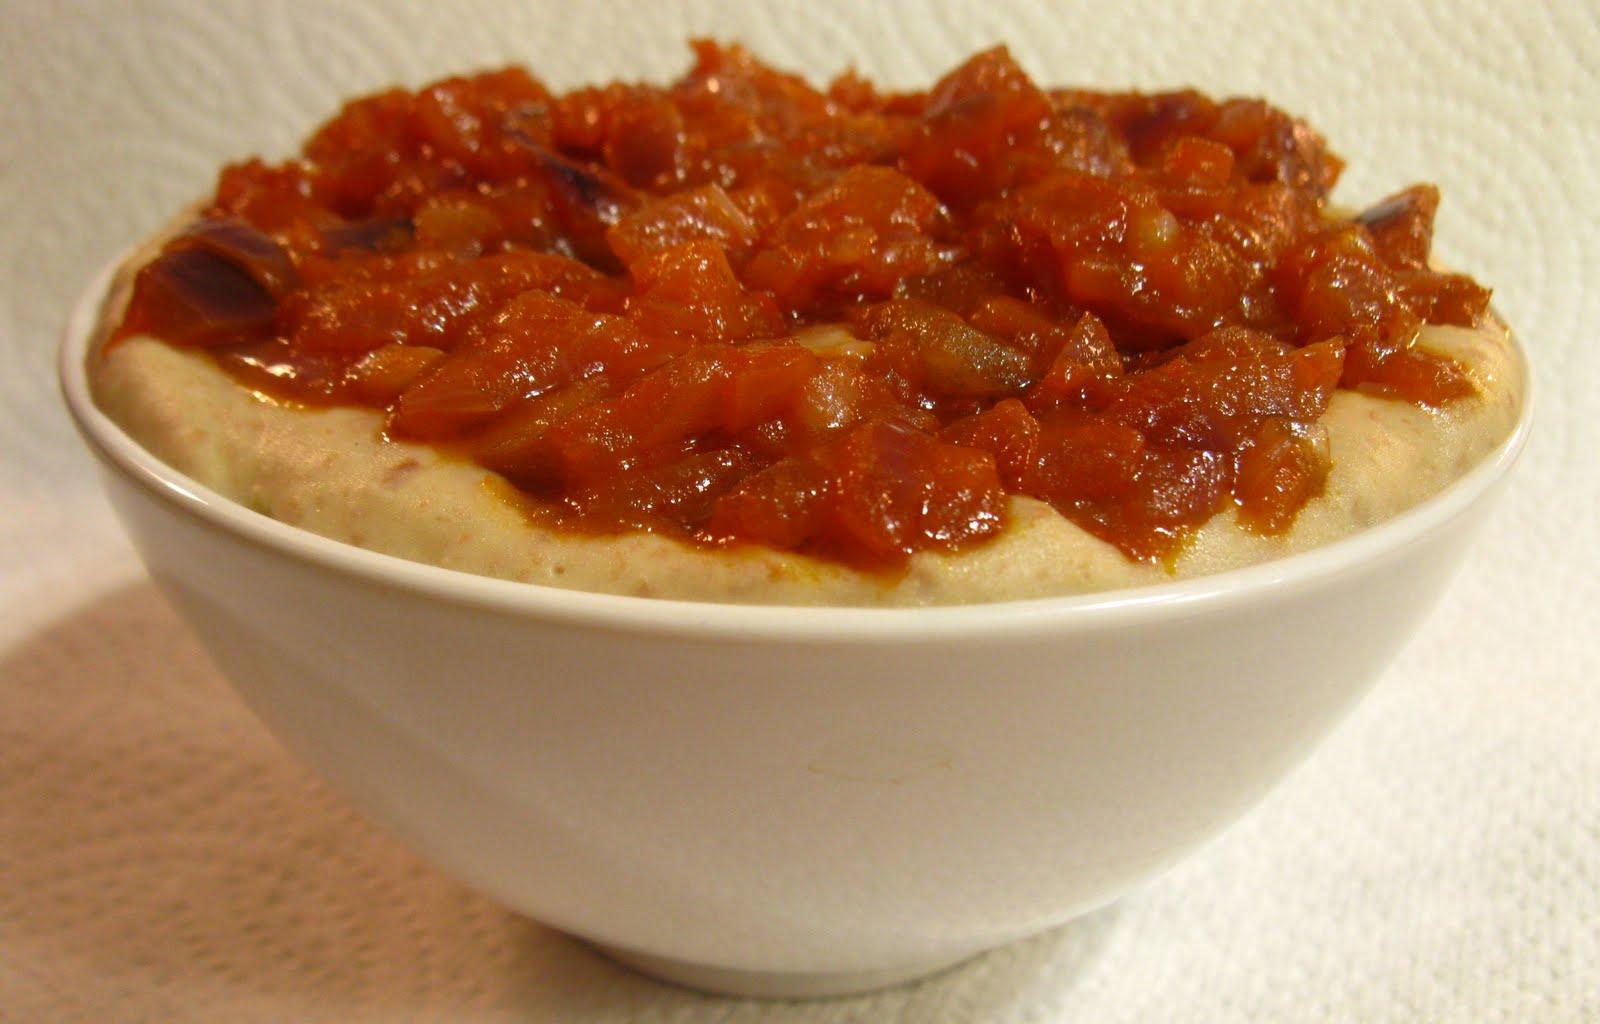 Păsulă slăită cu ceapă friptă (fasole bătută cu ceapă călită)